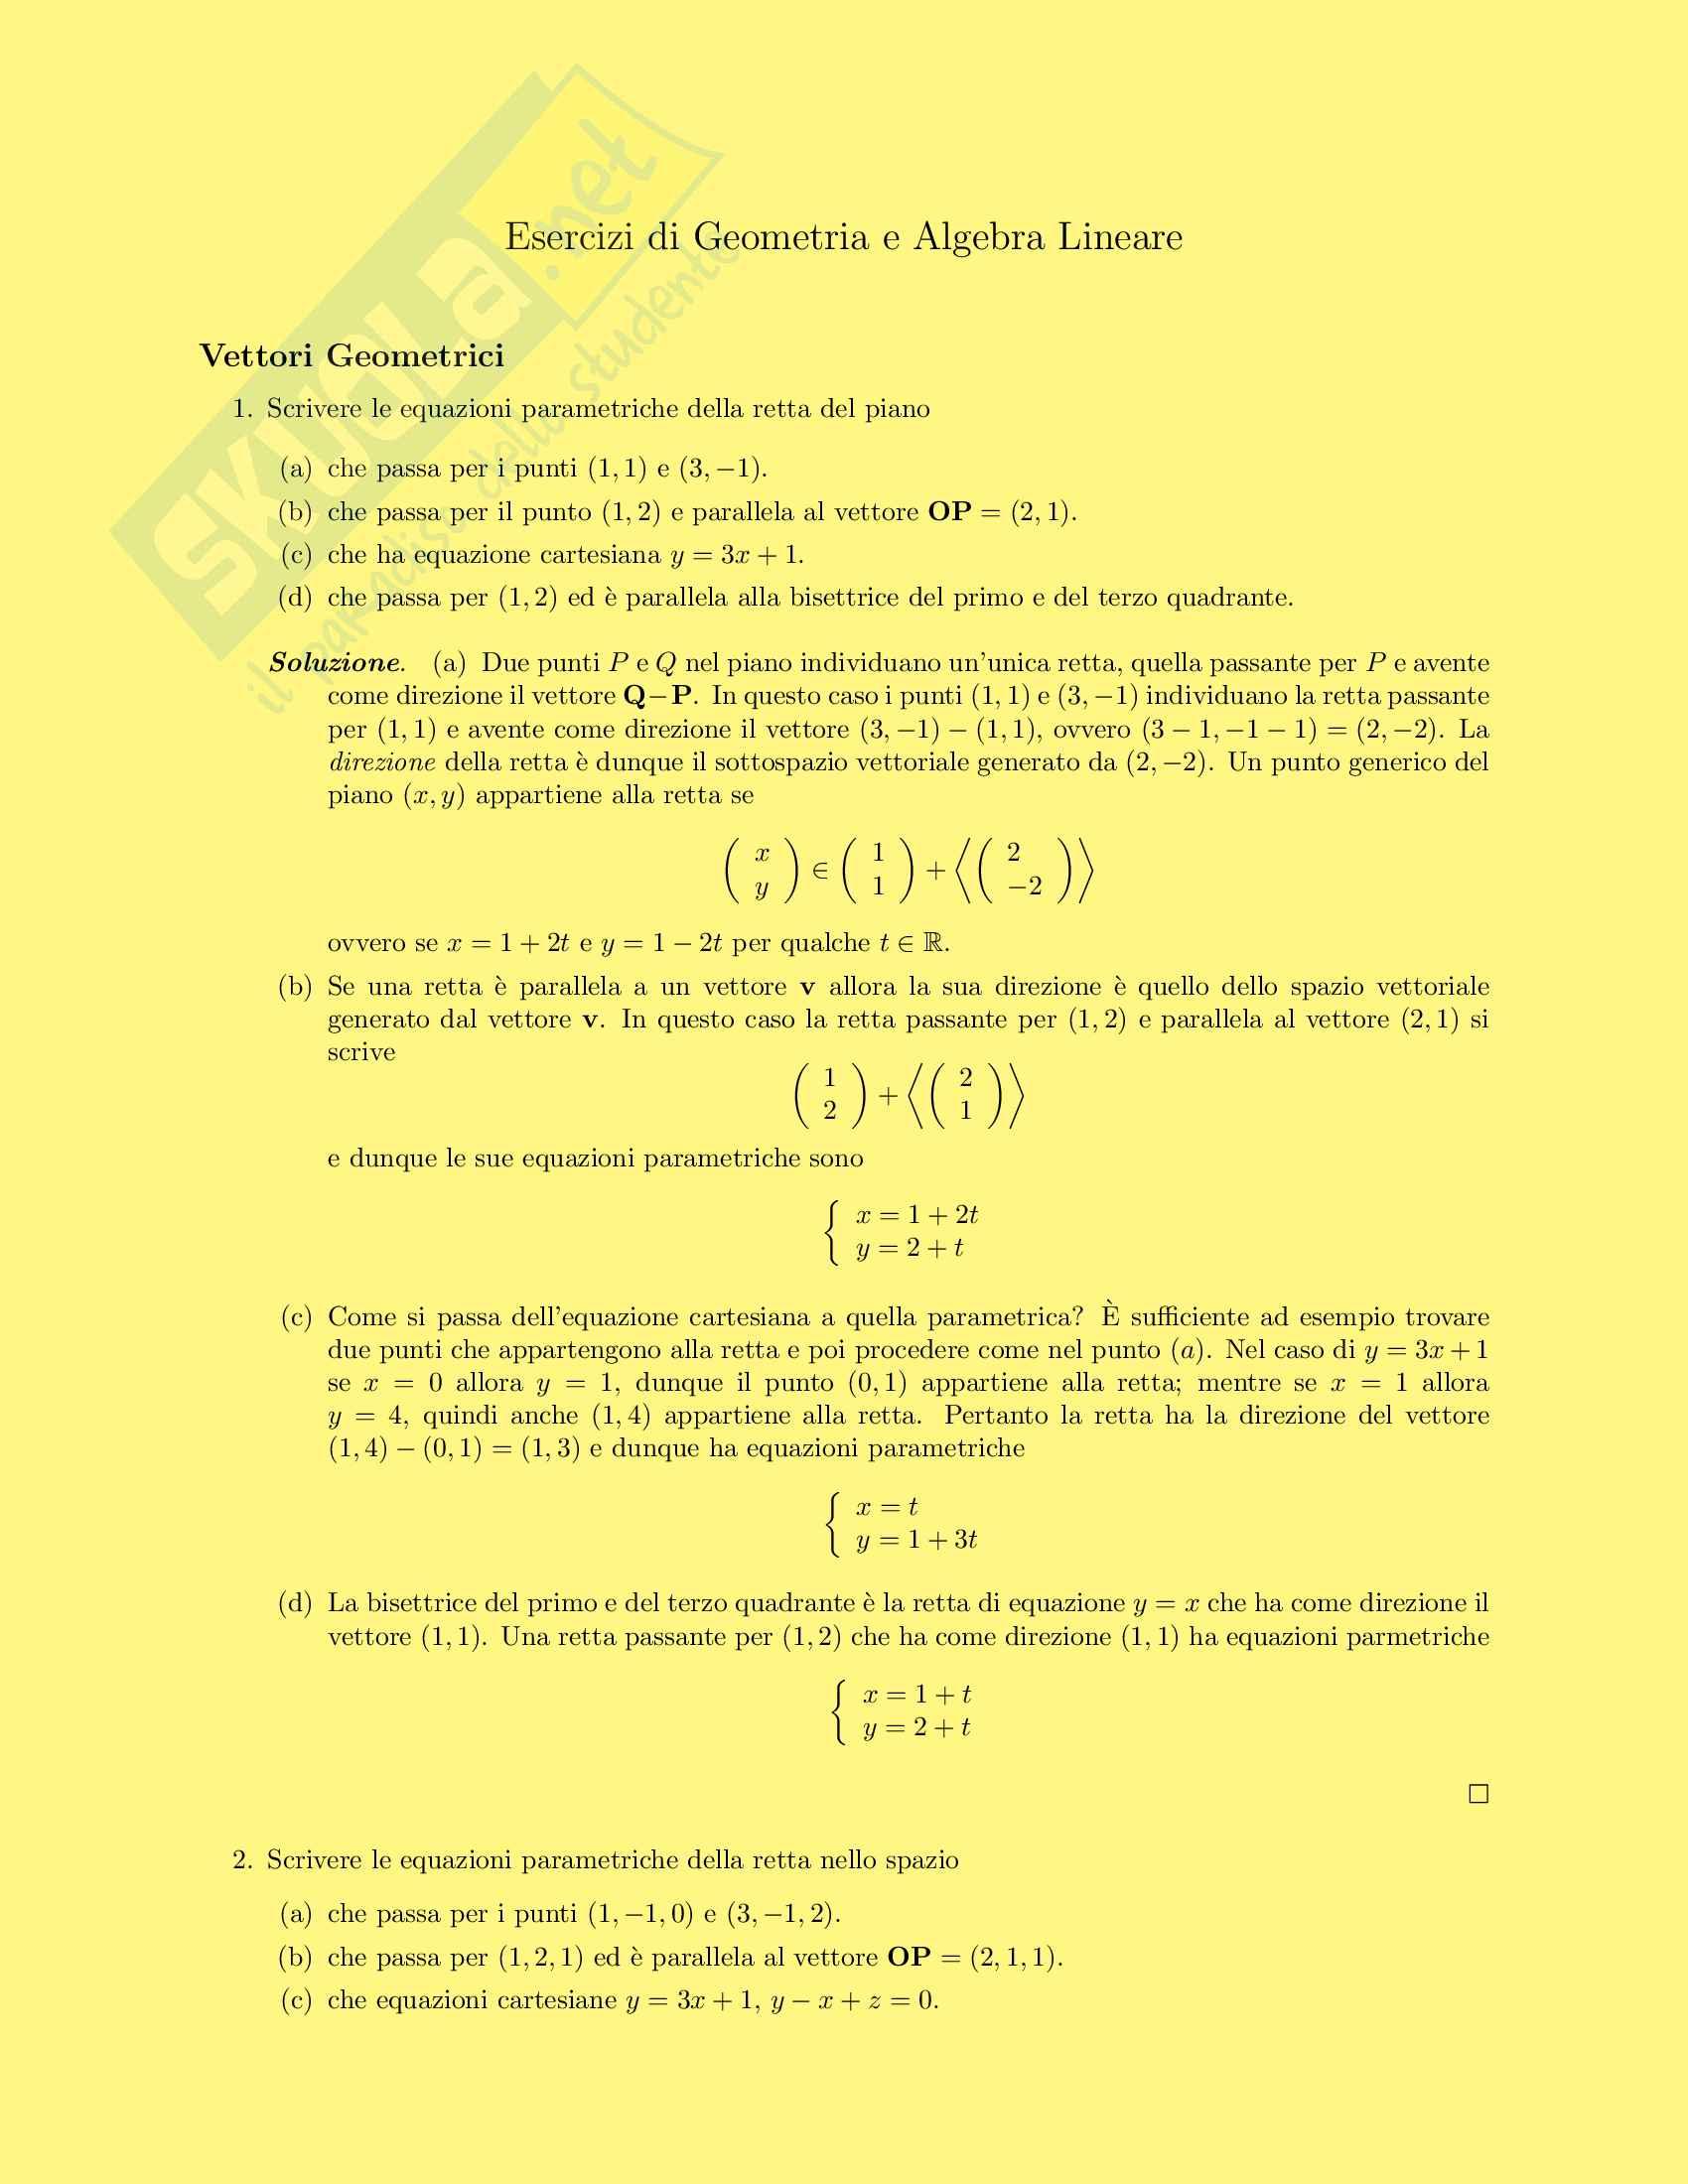 esercitazione B. Chiarellotto Geometria e algebra lineare